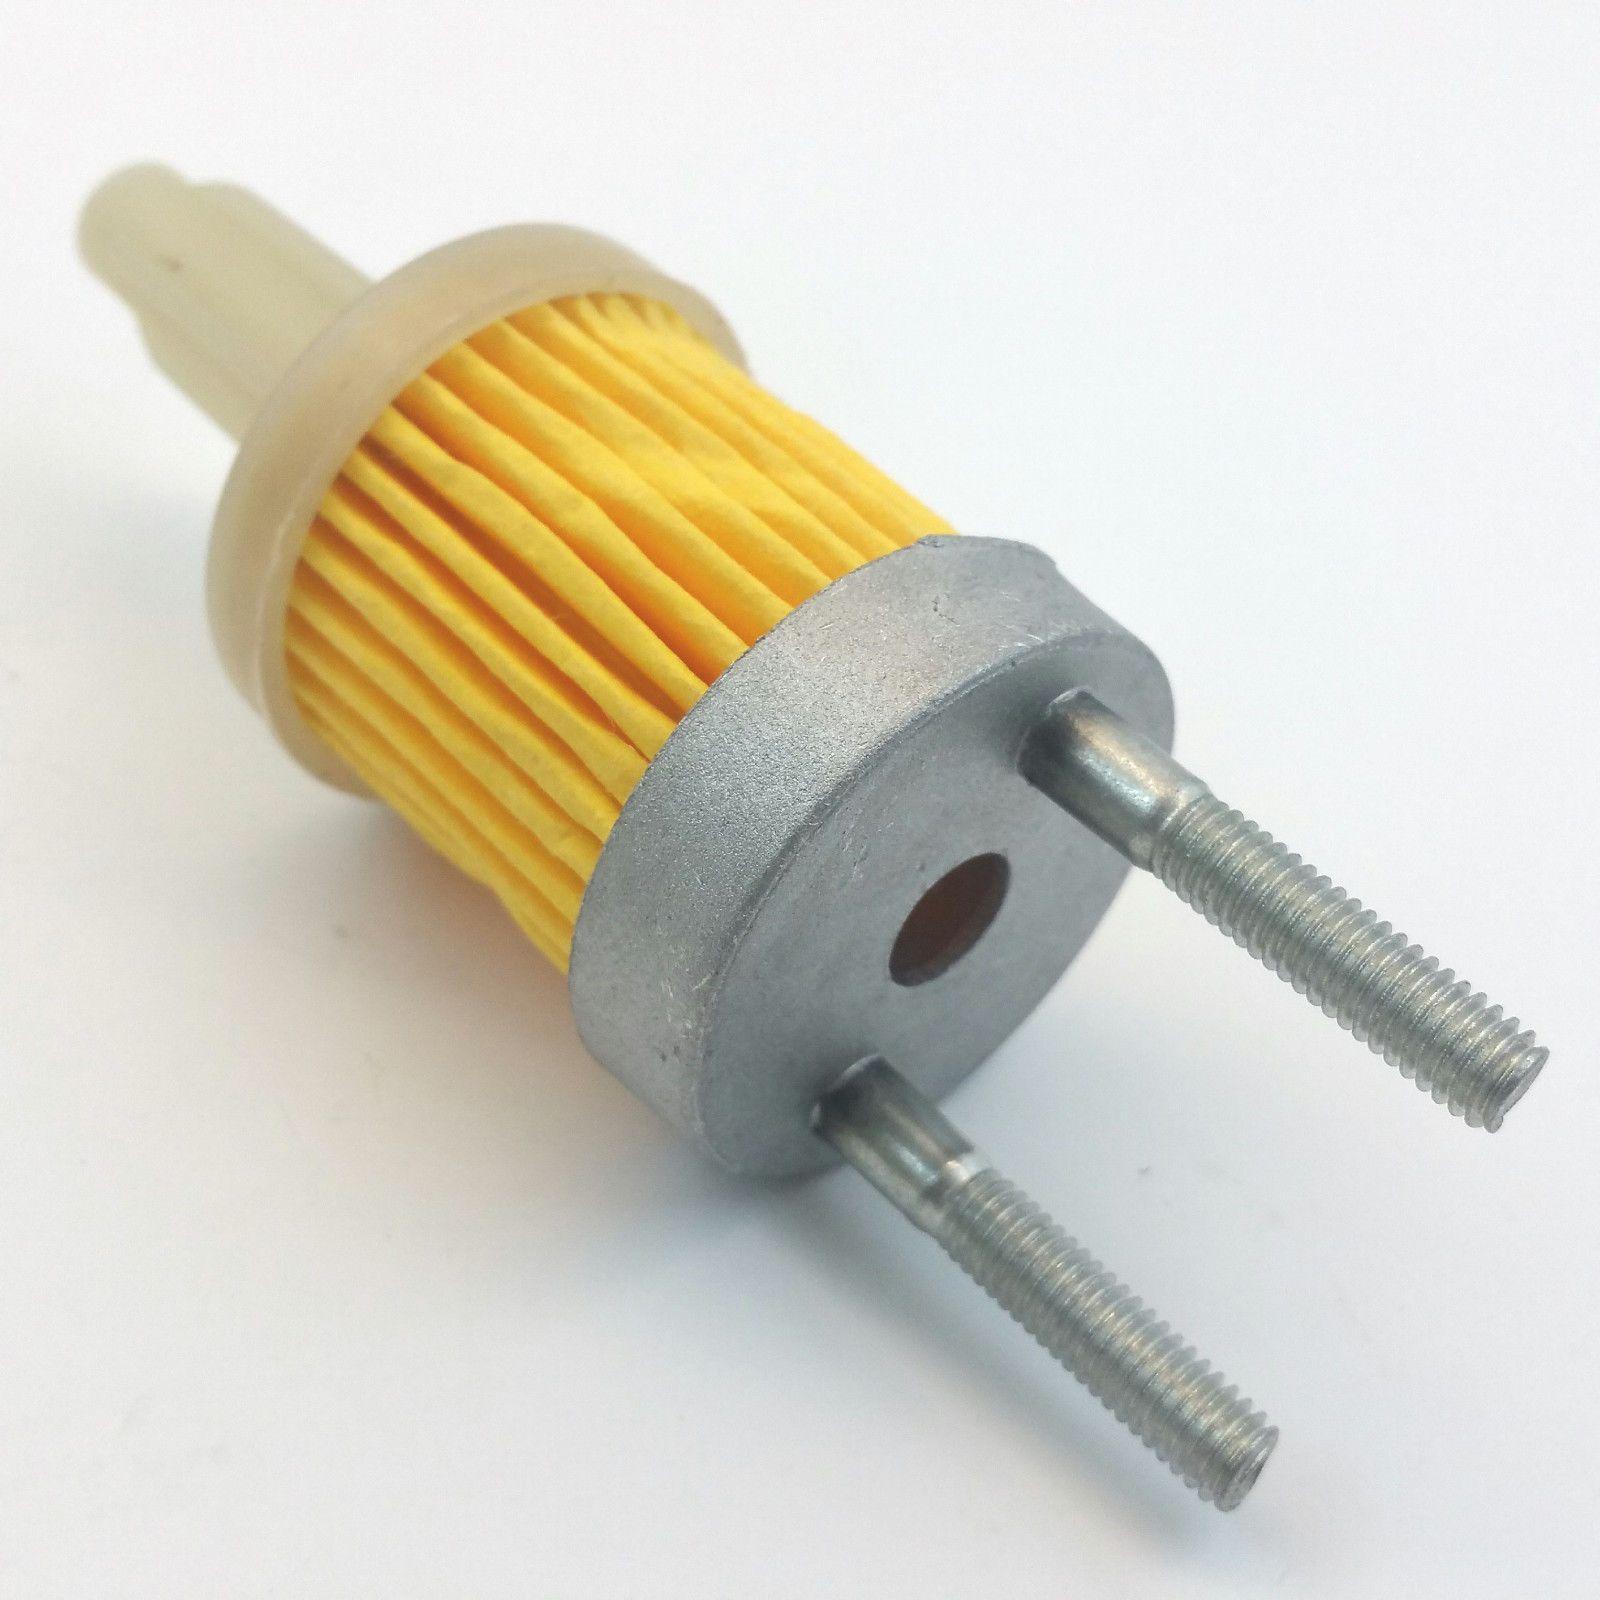 3 42 Fuel Filter For Yanmar L40 L48 11425055120 Ebay Home